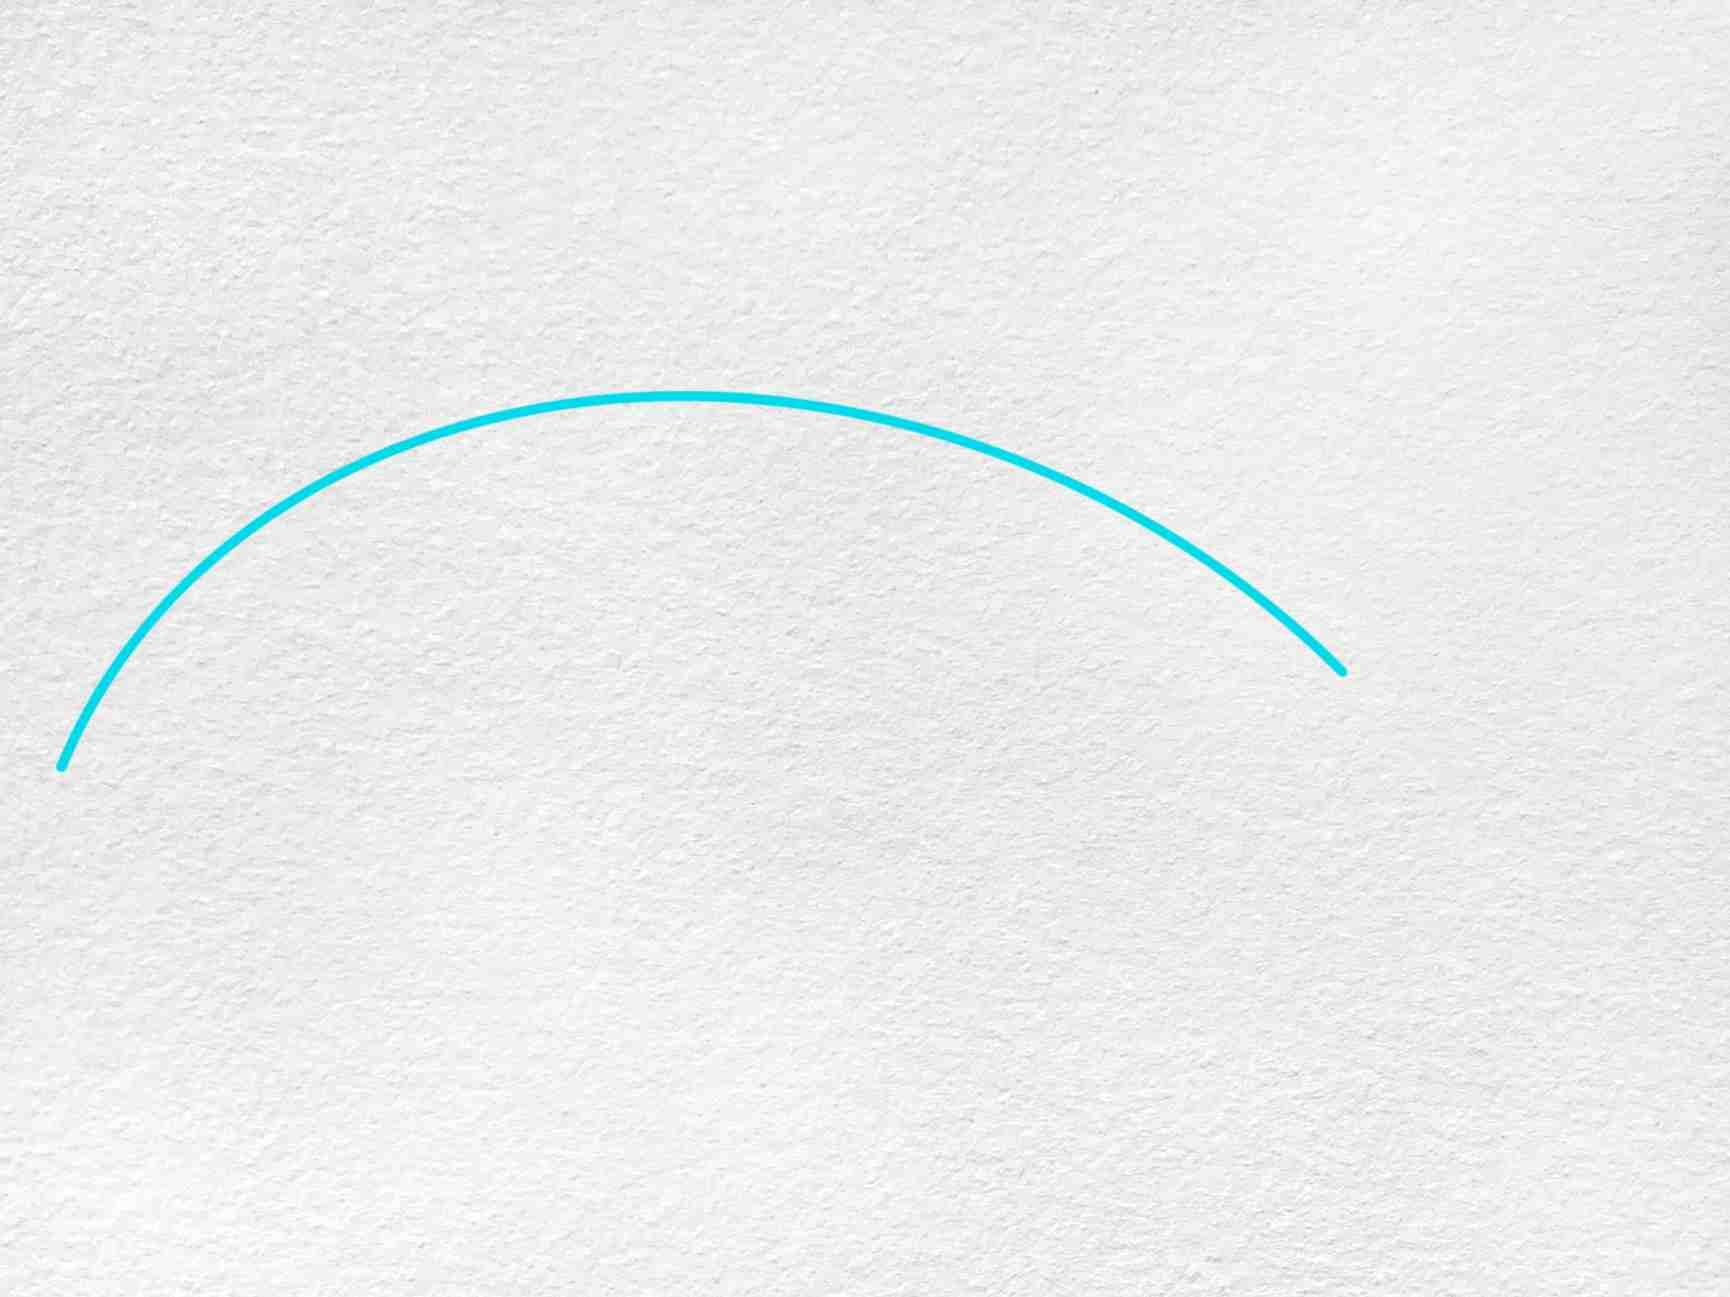 Cute Shark Drawing: Step 1